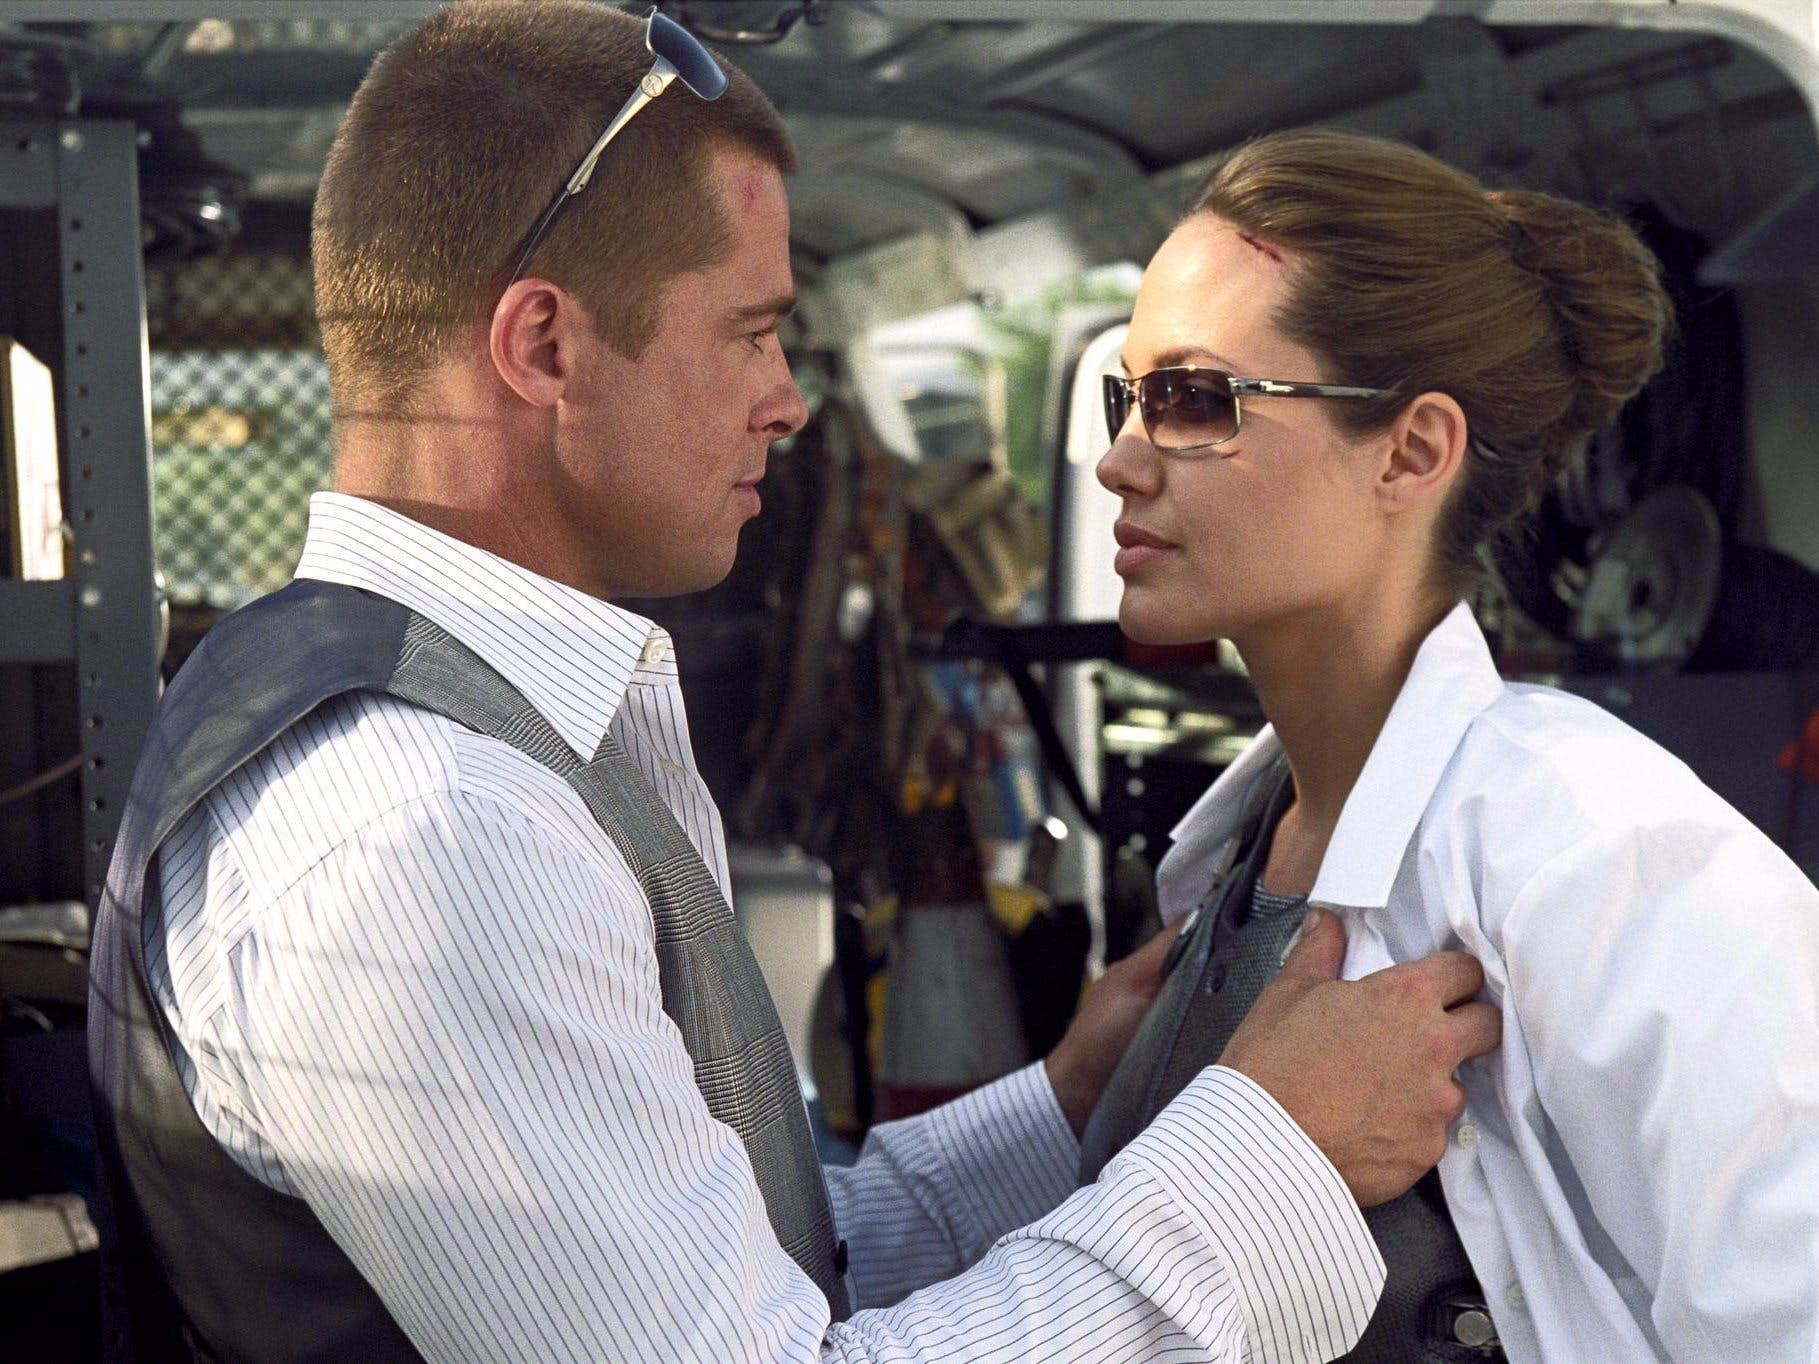 małżeństwo nie umawia się z 6 scena pocałunku